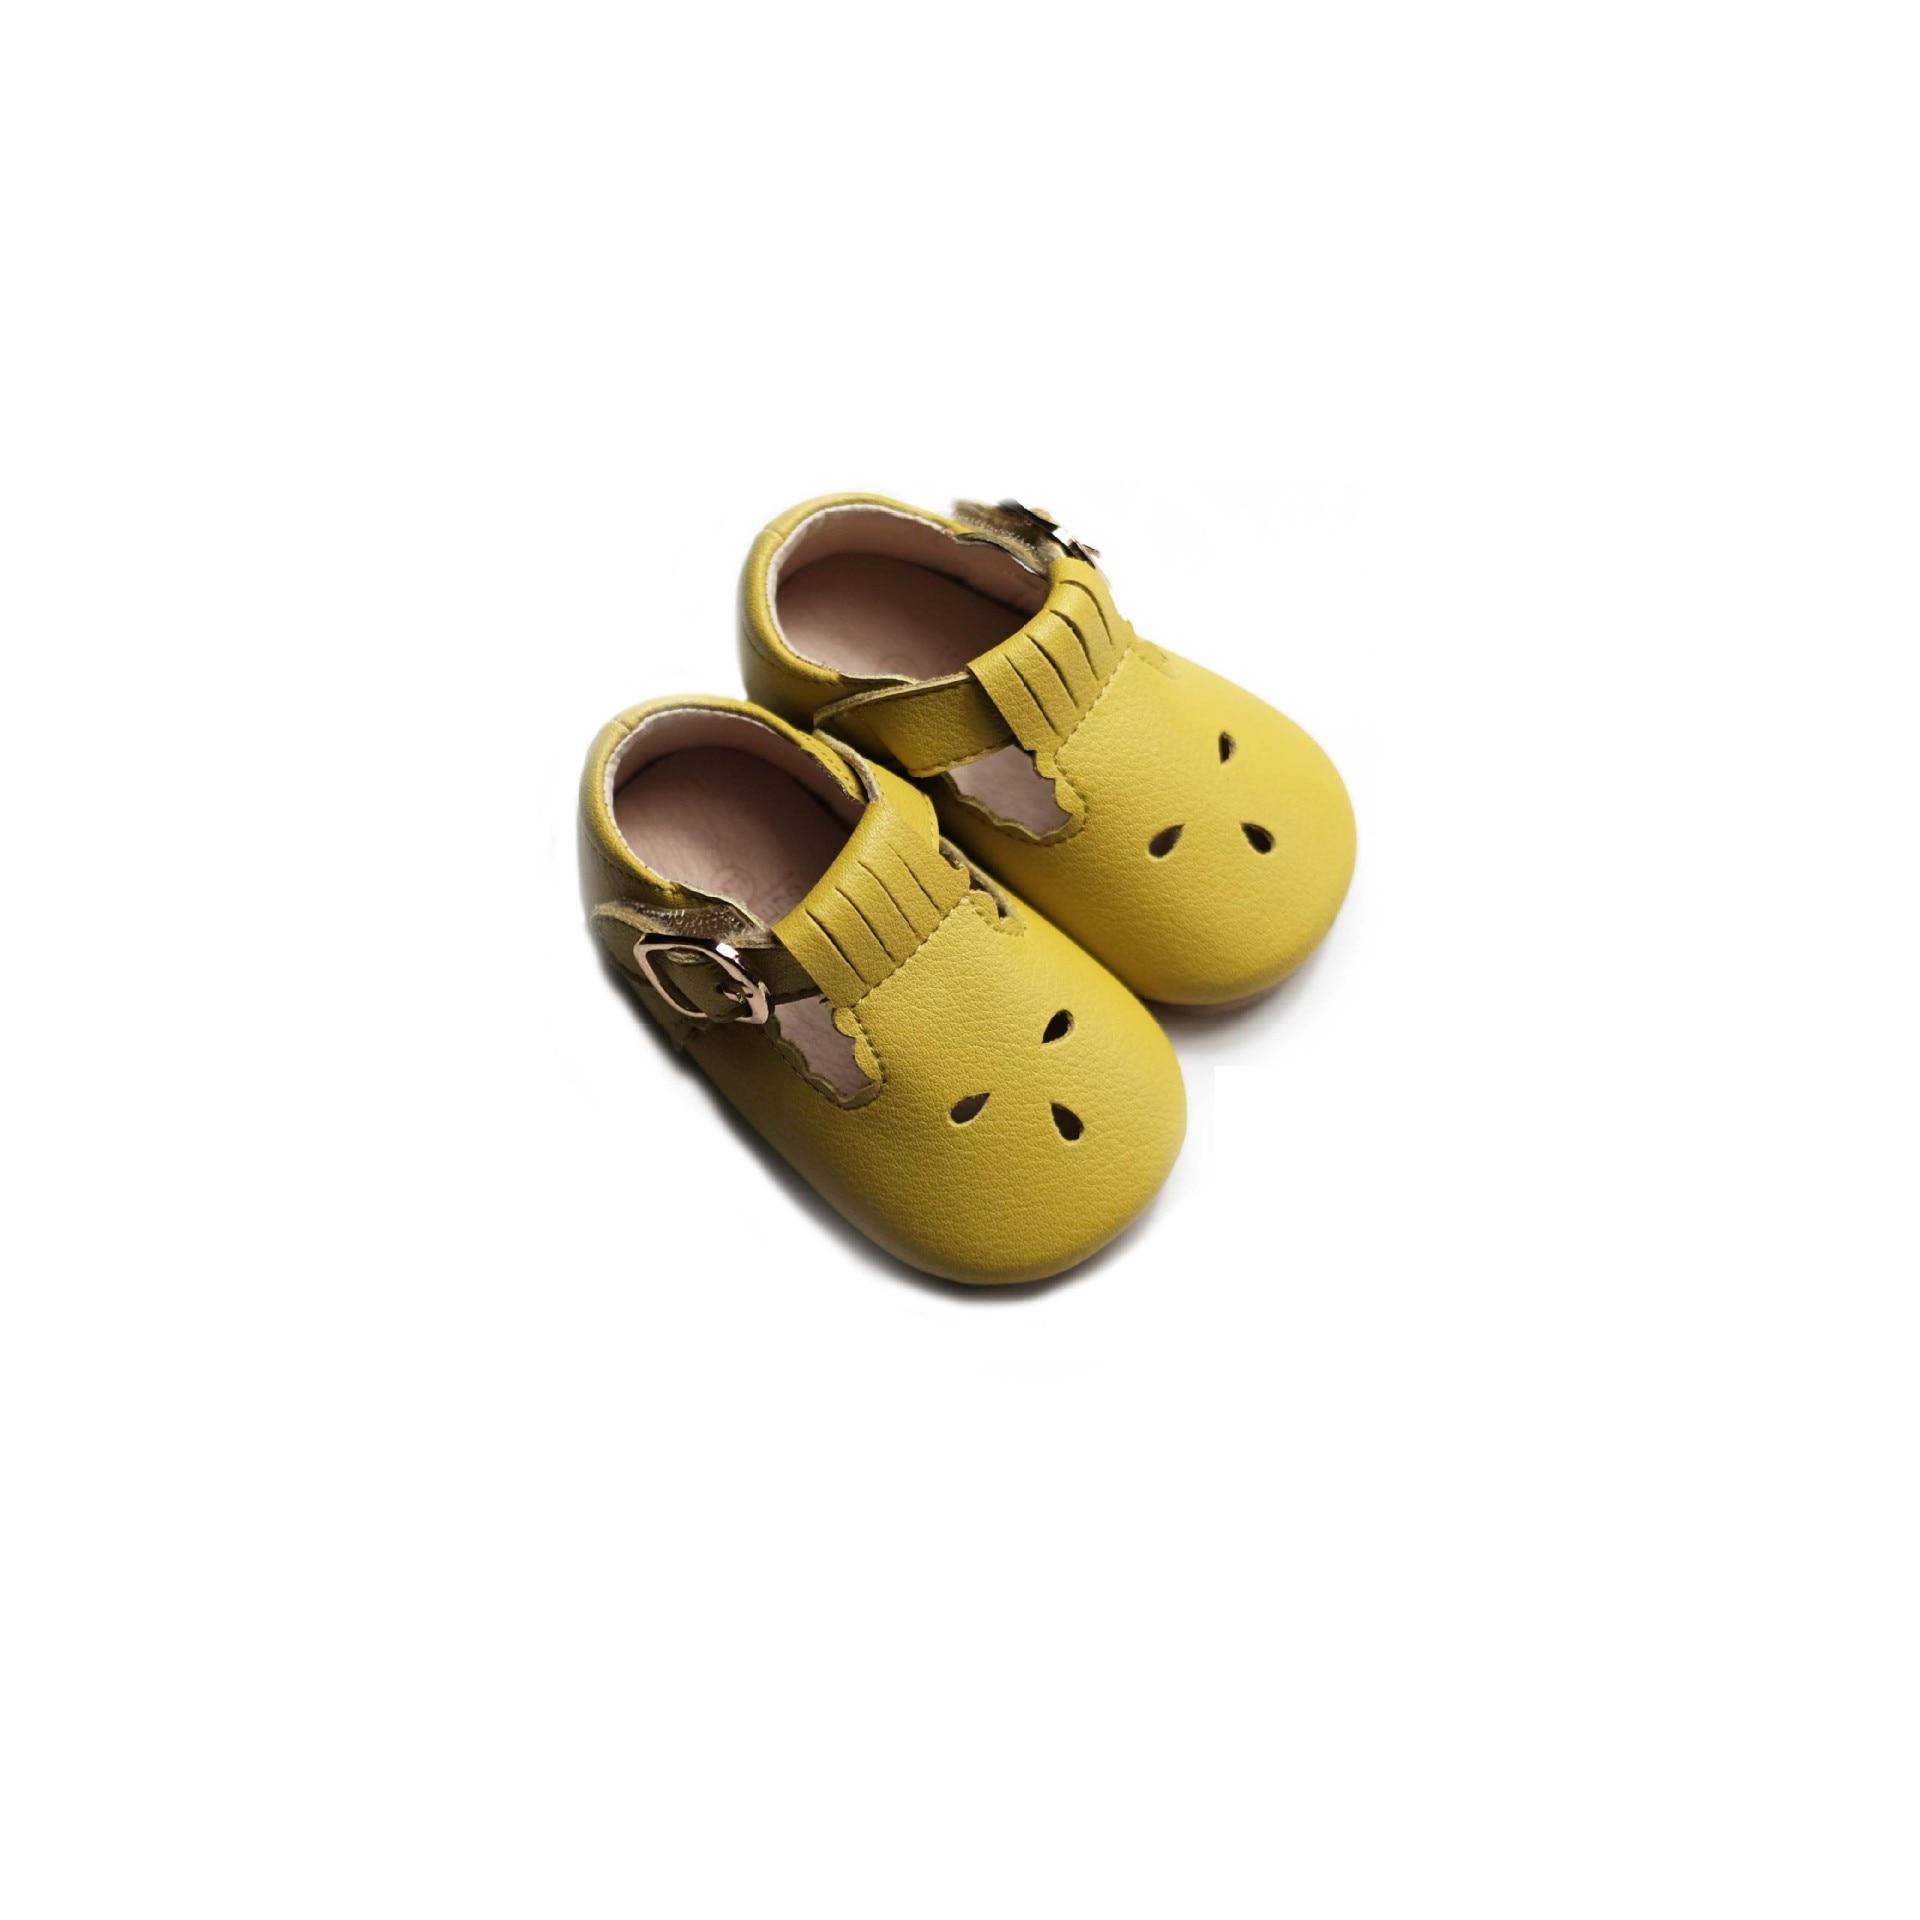 أحذية أطفال من الجلد الطبيعي قابلة للتنفس ، أحذية أطفال ناعمة ، جلد البقر ، صناعة يدوية